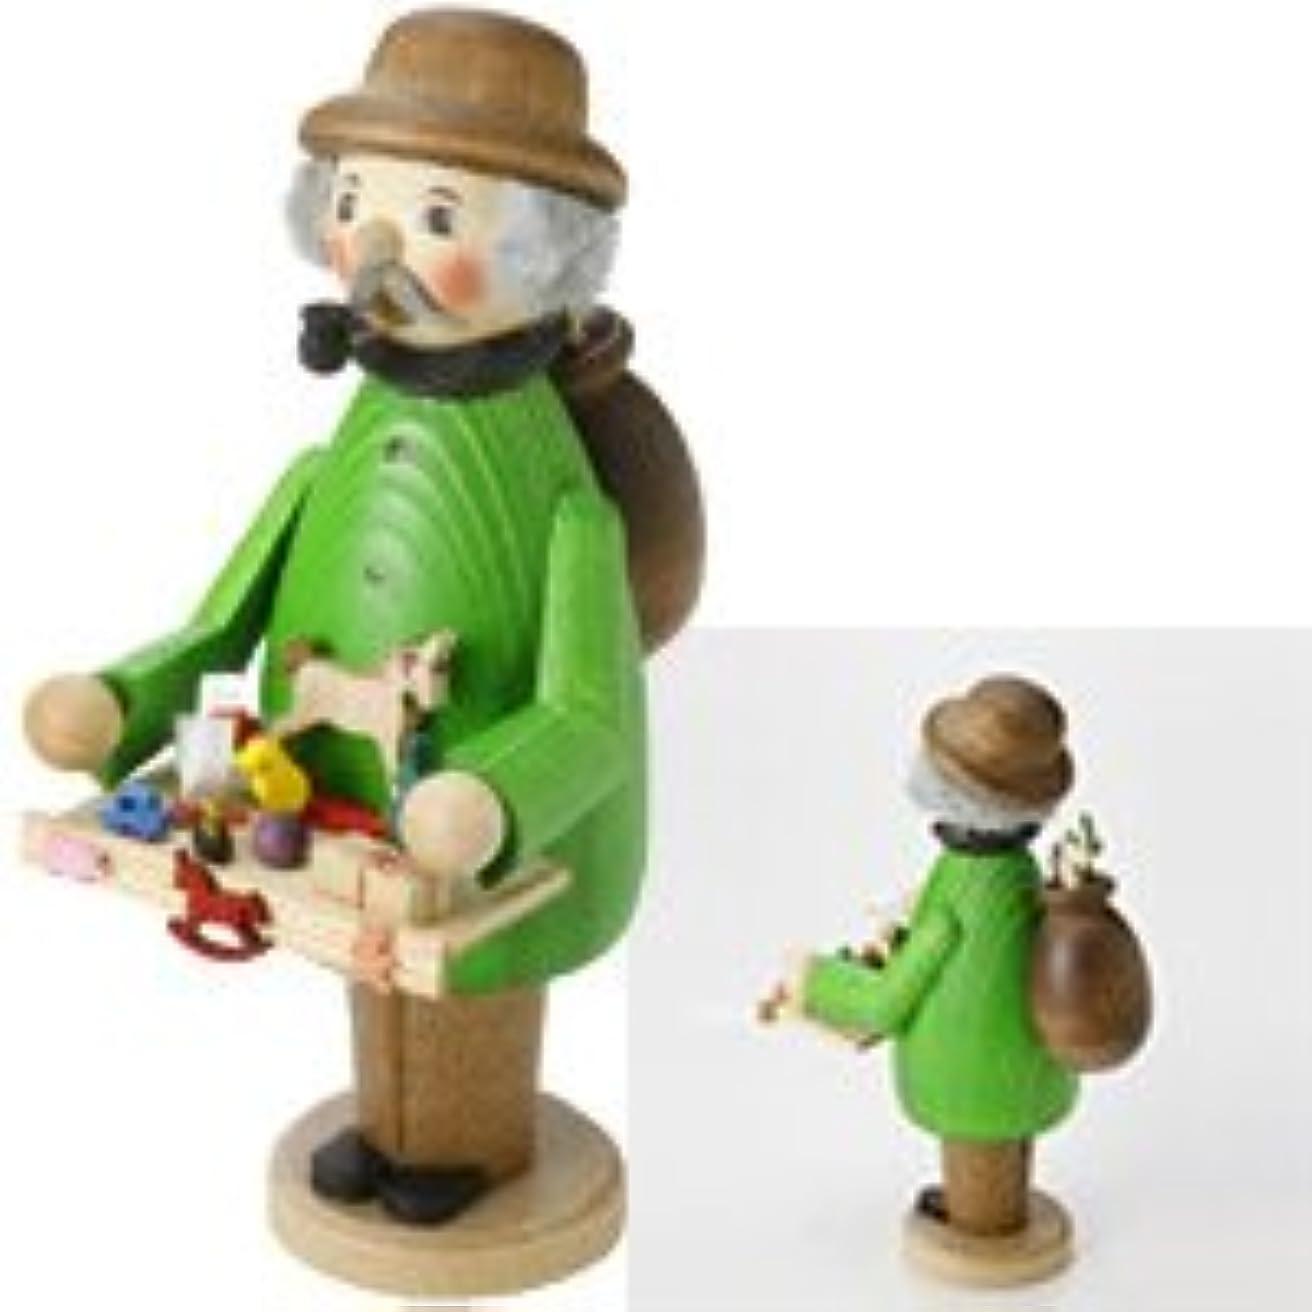 より良い親愛な興奮するクーネルト インセンススタンド(香皿) パイプマン MINI ミニおもちゃ売りB